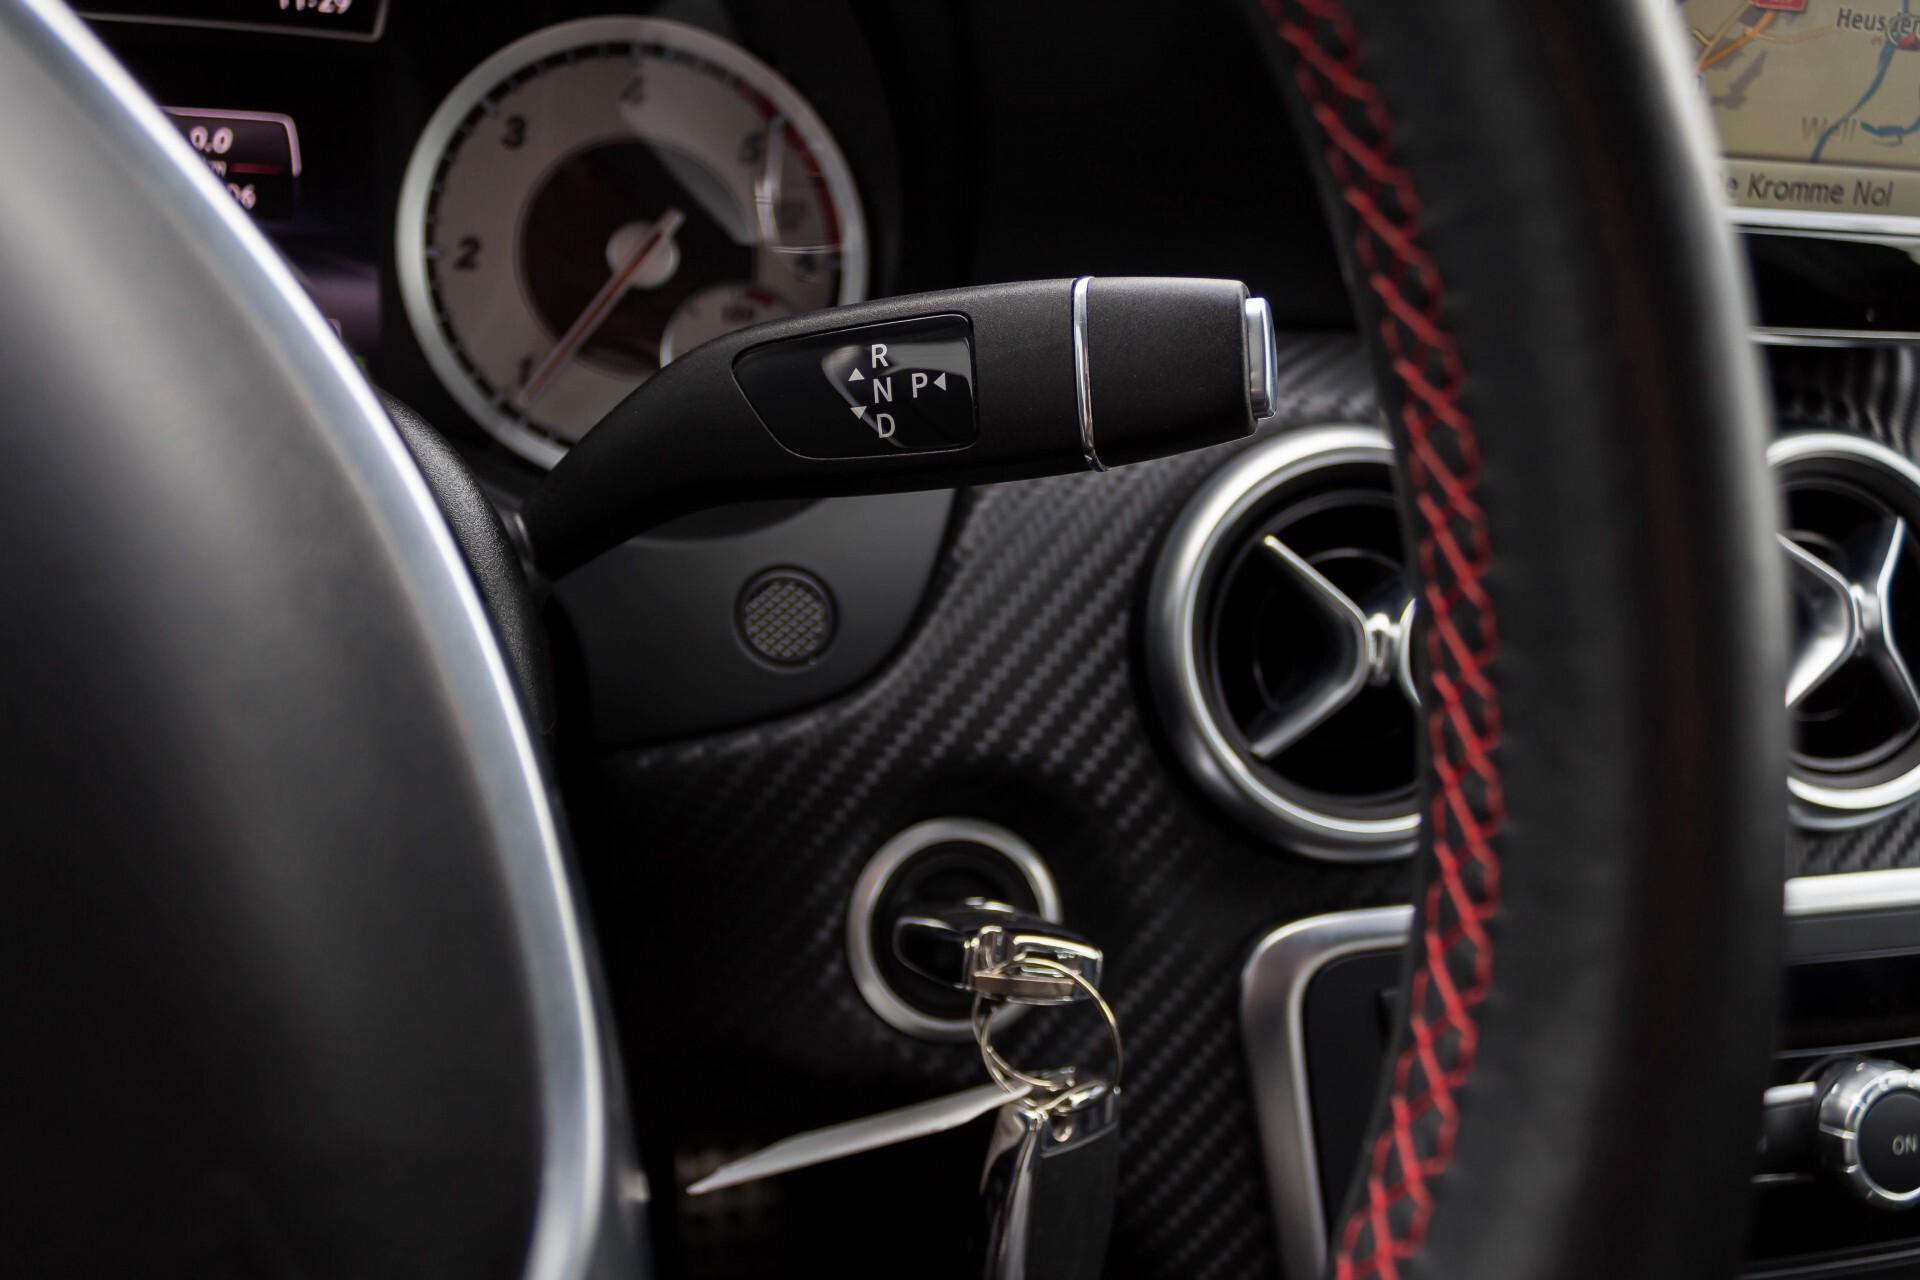 Mercedes-Benz A-Klasse 180 Cdi AMG Panorama Bi-xenon/Navi/PTS Aut7 Foto 12